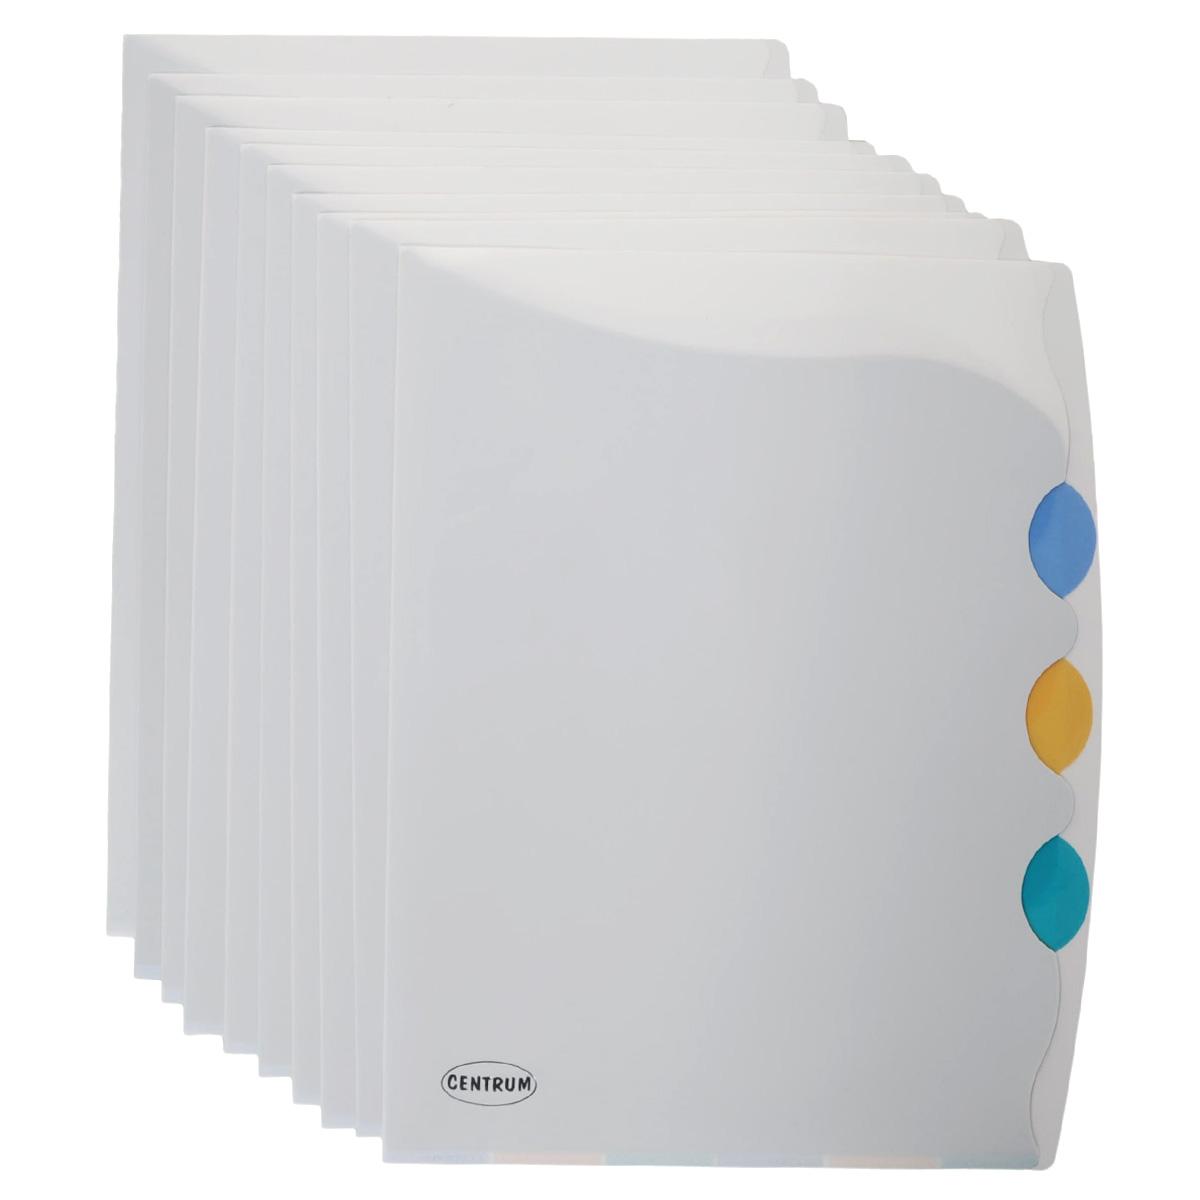 Папка-уголок Centrum, 4 отделения, в ассортименте. Формат А4, 10 шт82272ОПапка-уголок Centrum - это удобный и практичный офисный инструмент, предназначенный для хранения и транспортировки рабочих бумаг и документов формата А4. Папка изготовлена из полупрозрачного пластика толщиной 0,18 мм, имеет 4 отделения с разделителями разных цветов.В комплект входят 10 папок формата А4. Папка-уголок - это незаменимый атрибут для студента, школьника, офисного работника. Такая папка надежно сохранит ваши документы и сбережет их от повреждений, пыли и влаги.Уважаемые клиенты!Товар поставляется в цветовом ассортименте. Отгрузка производится из имеющихся в наличии цветов.